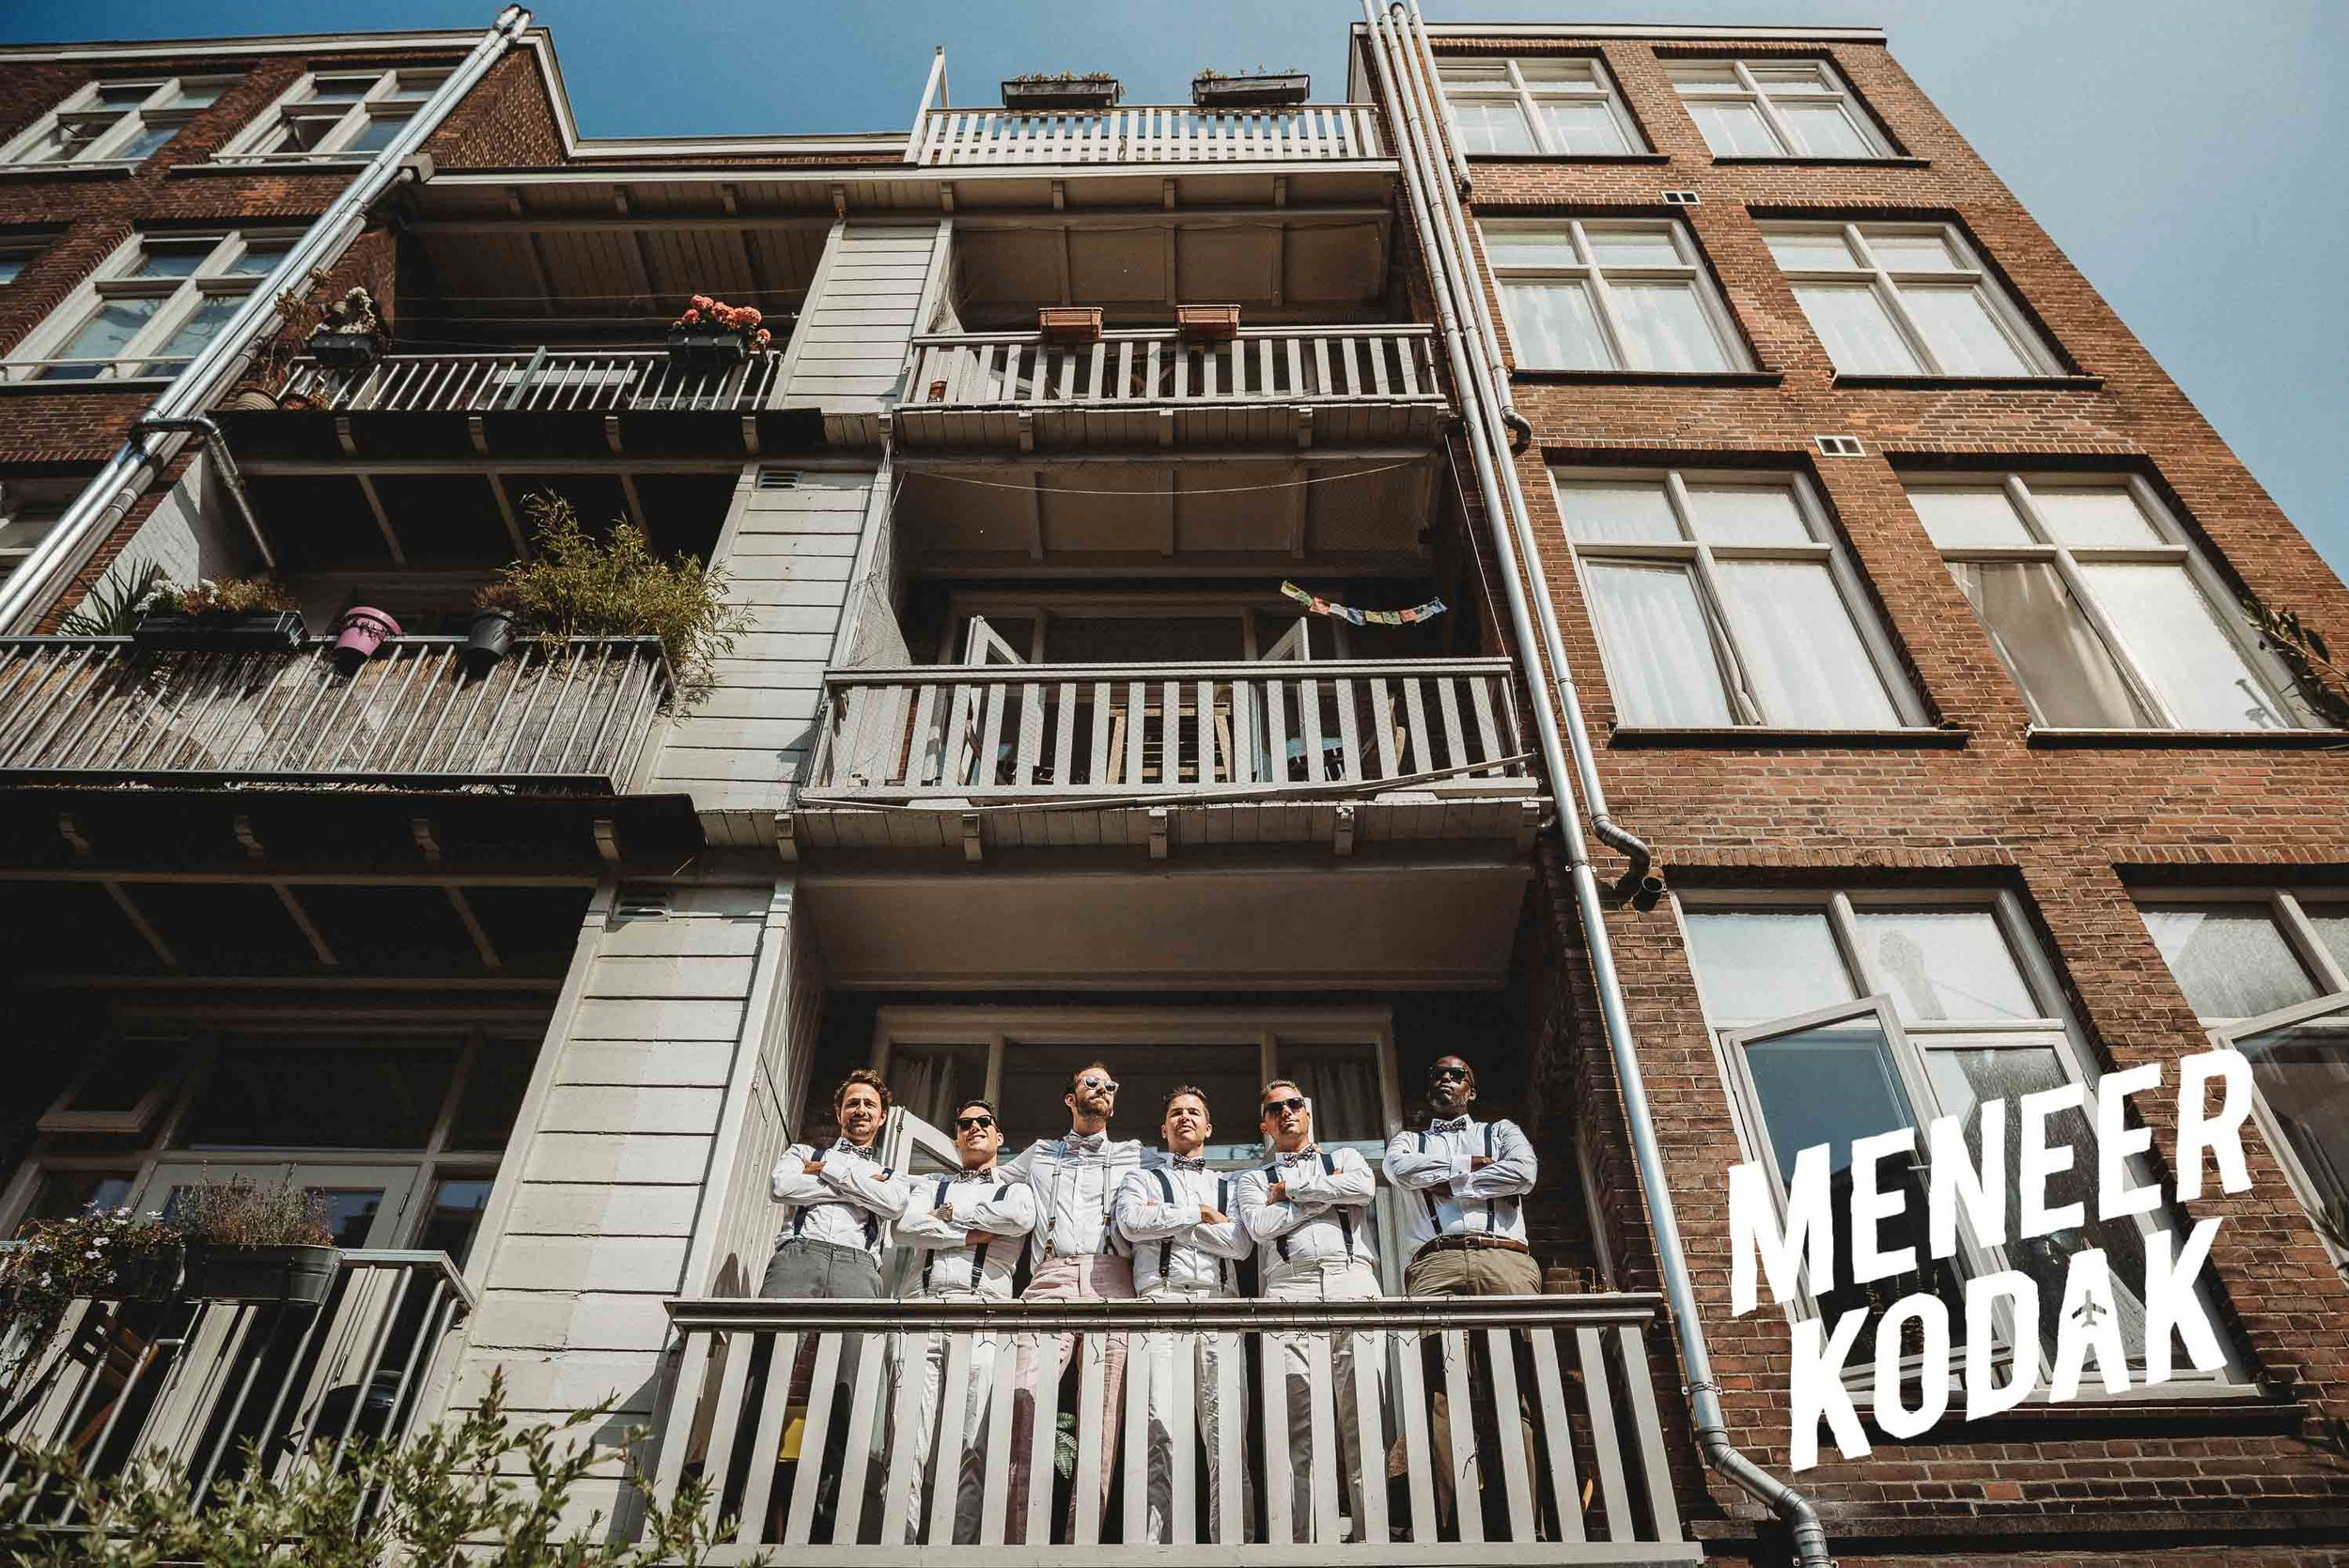 Meneer Kodak - Trouwfotograaf - Amsterdam - H&T-018.jpg